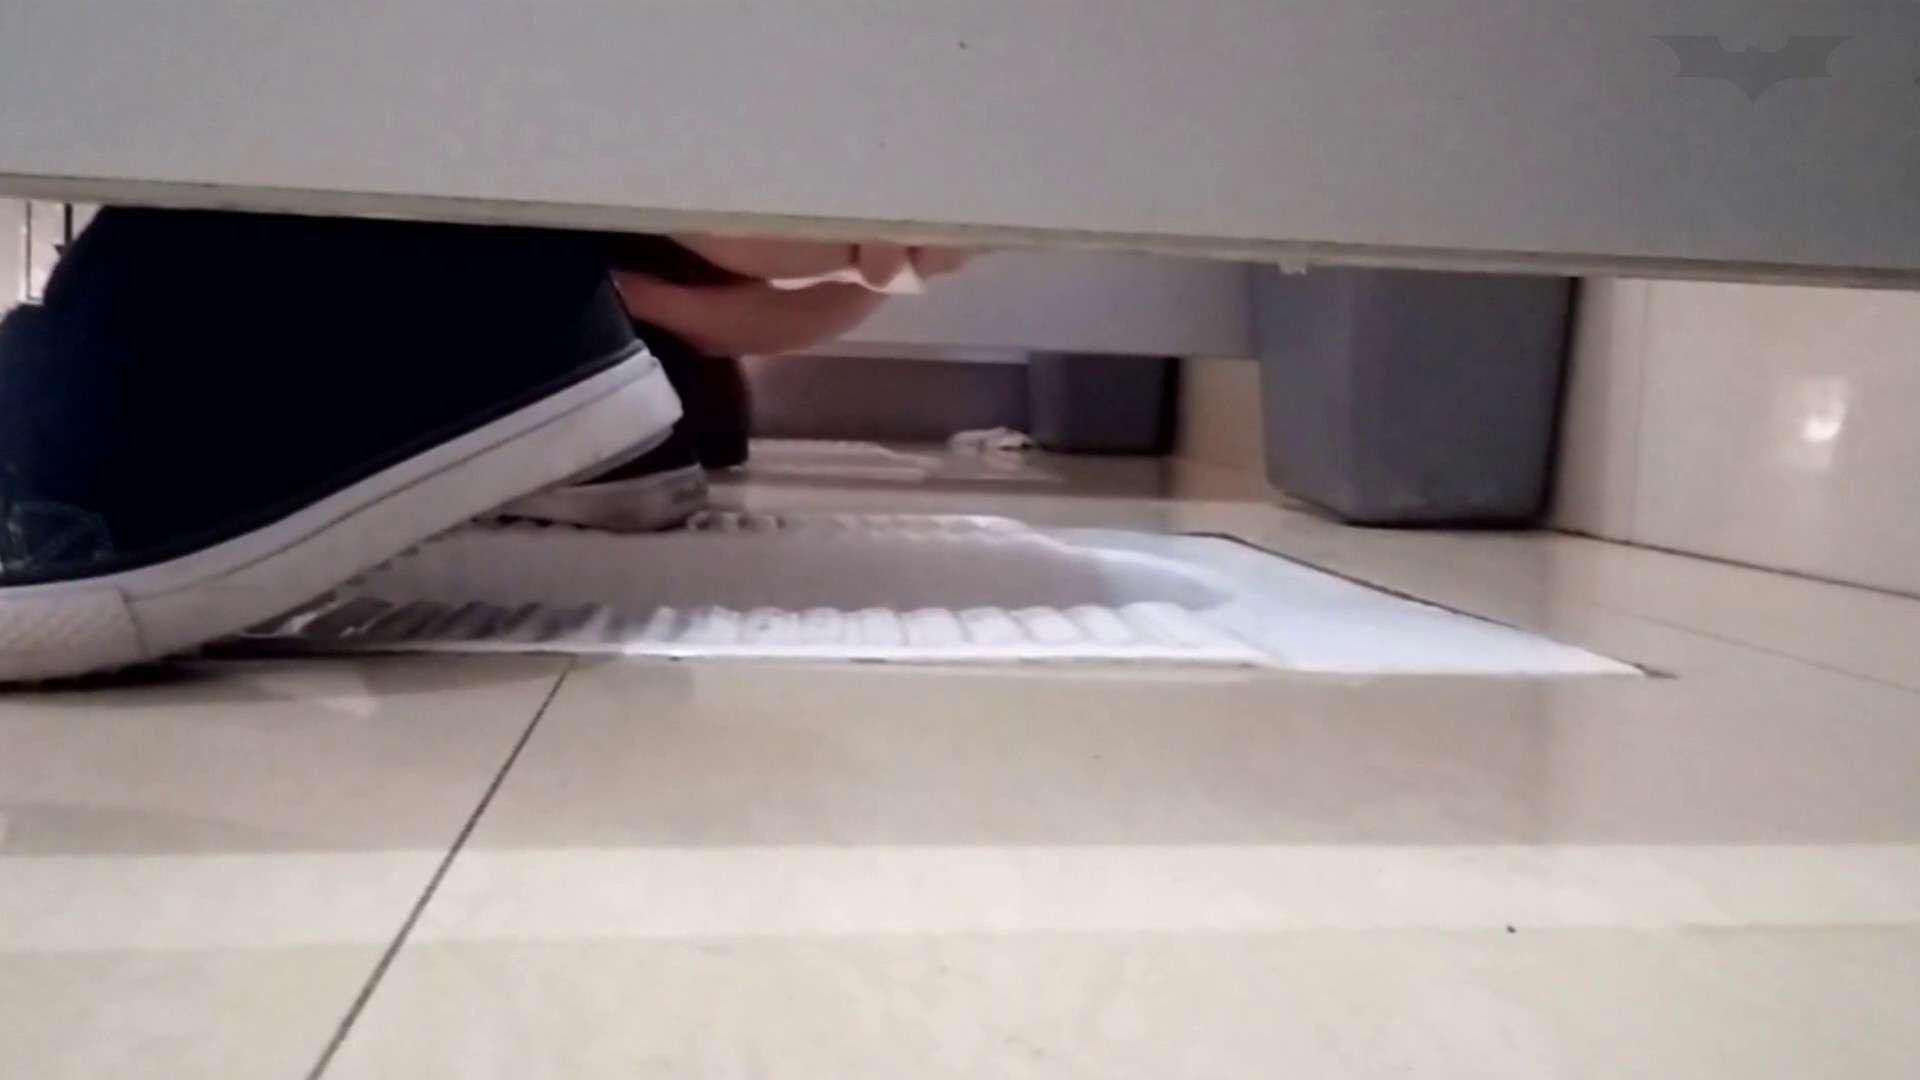 芸術大学ガチ潜入盗撮 JD盗撮 美女の洗面所の秘密 Vol.97 洗面所  91PIX 5